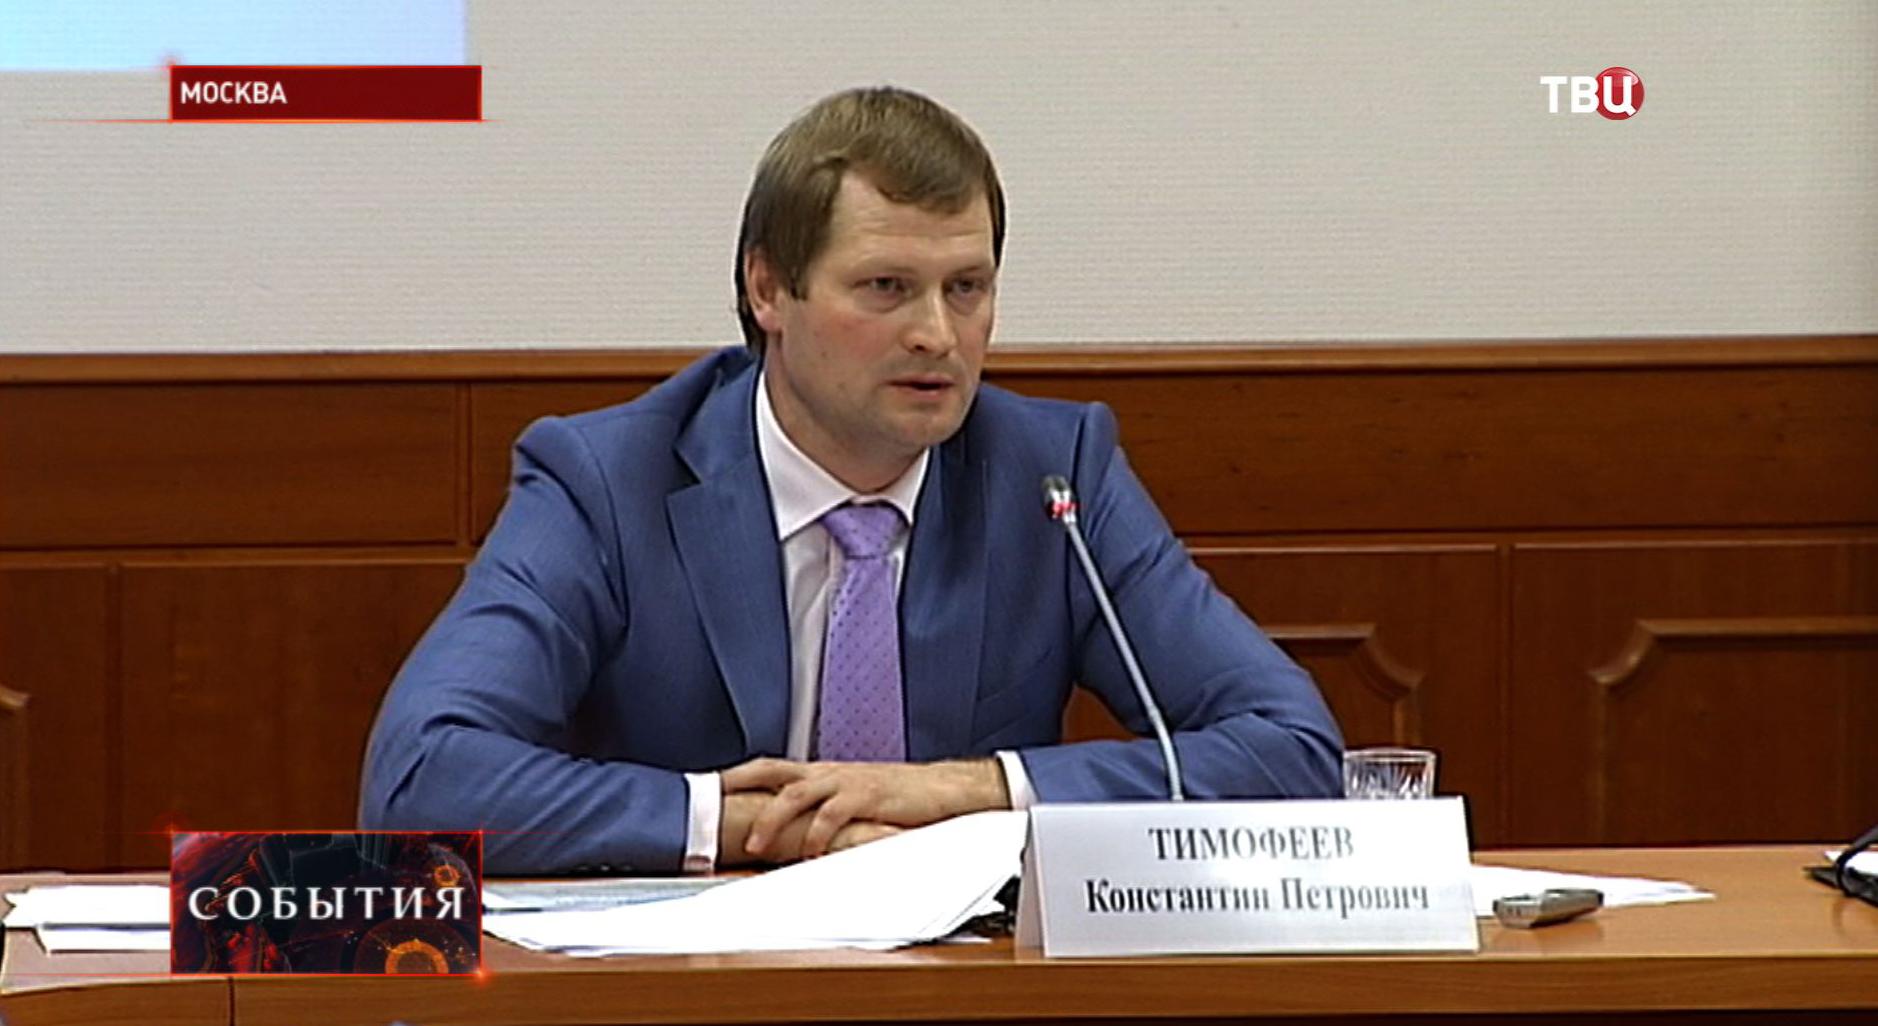 Константин Тимофеев, председатель комитета г. Москвы по обеспечению реализации инвестиционных проектов